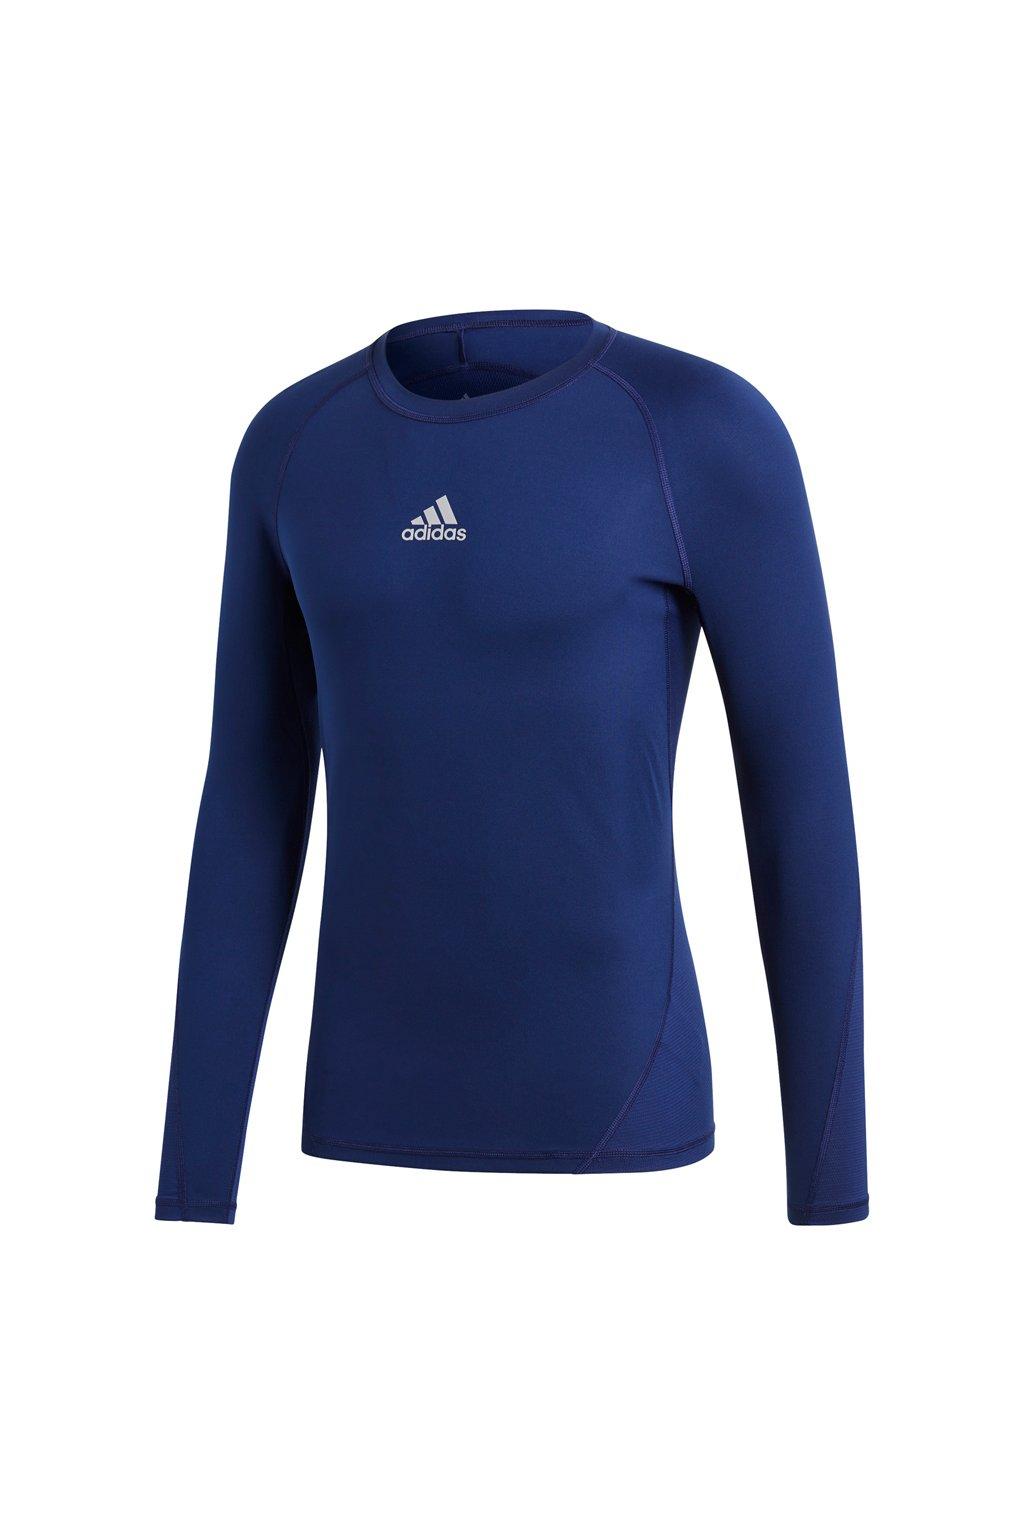 Pánske tričko Adidas Alphaskin Sport LS Tee navy blue CW9489